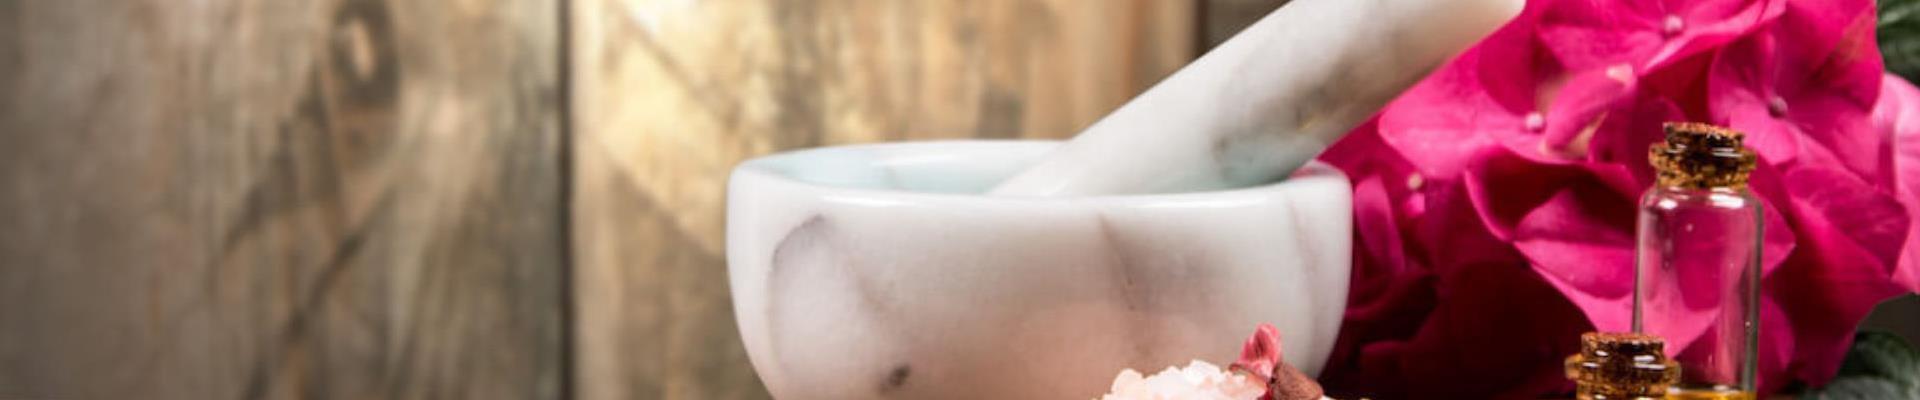 Ayurvedische Massage Antwerpen